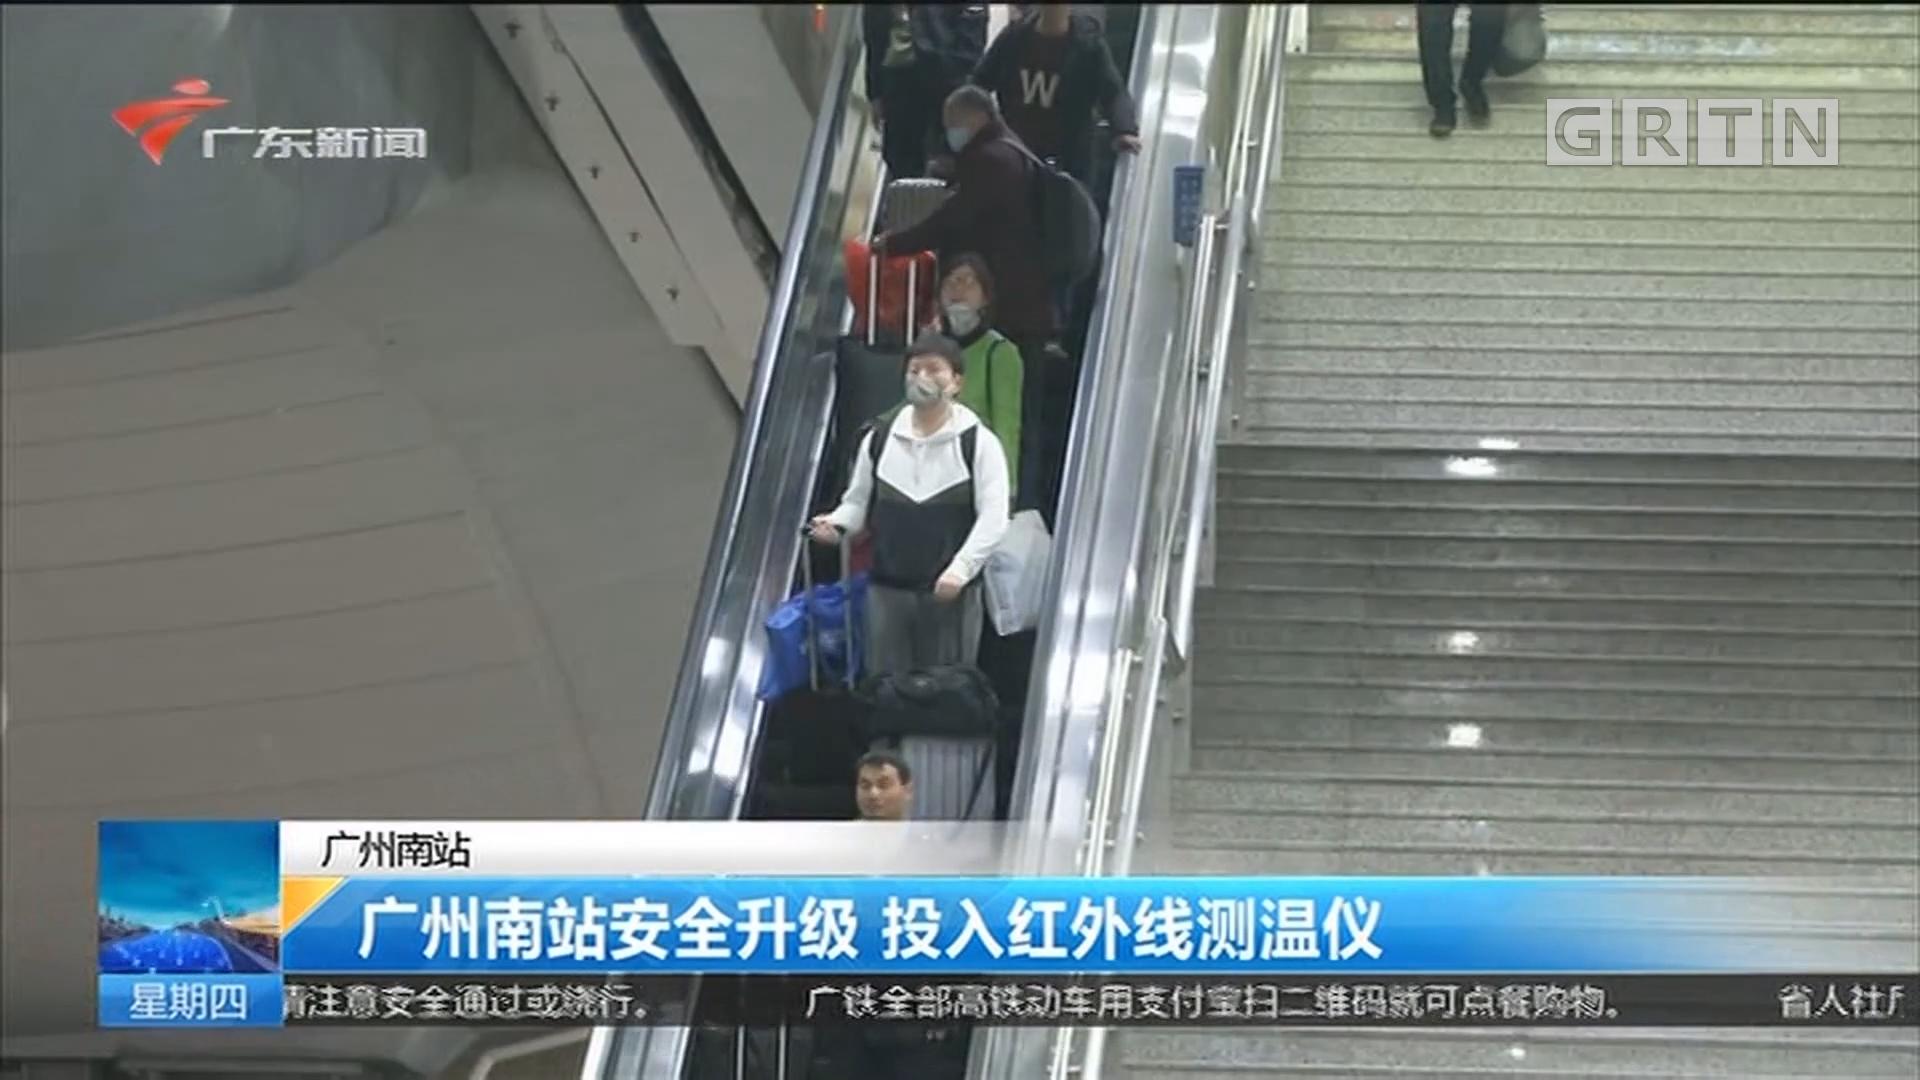 广州南站:广州南站安全升级 投入红外线测温仪